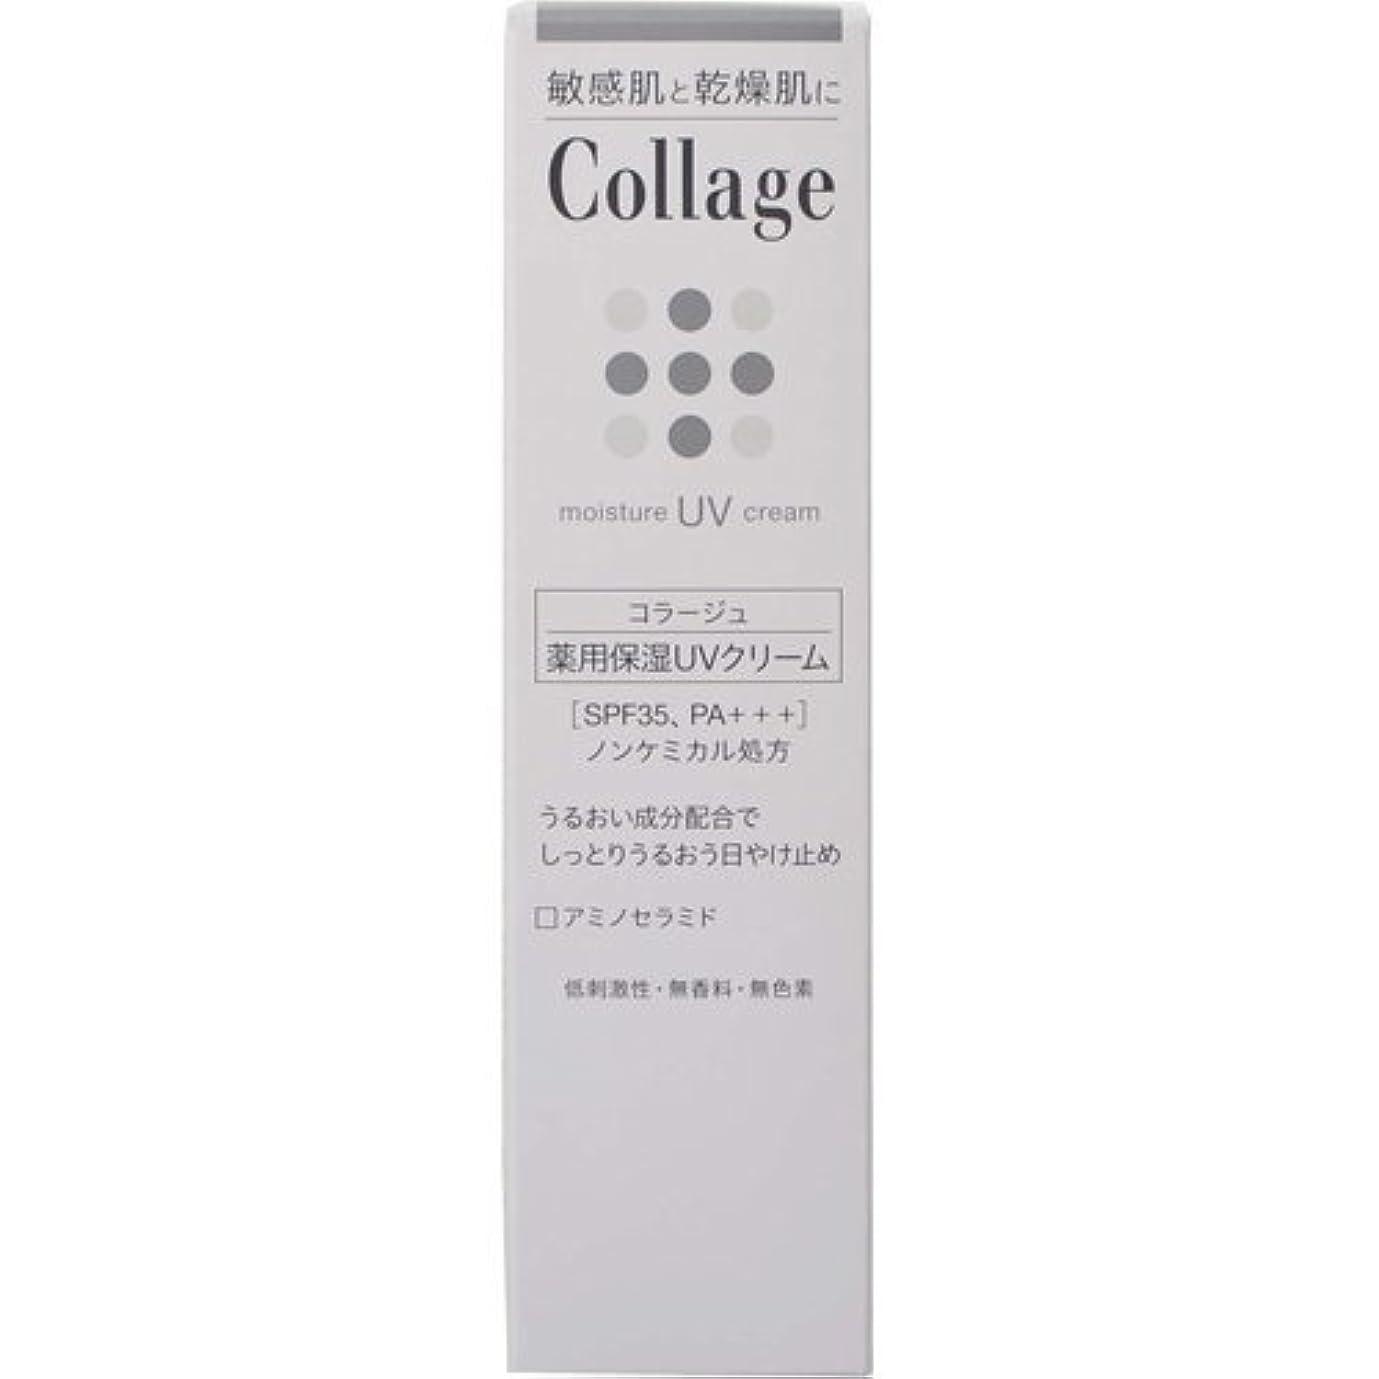 コラージュ 薬用保湿UVクリーム 30g ×6個